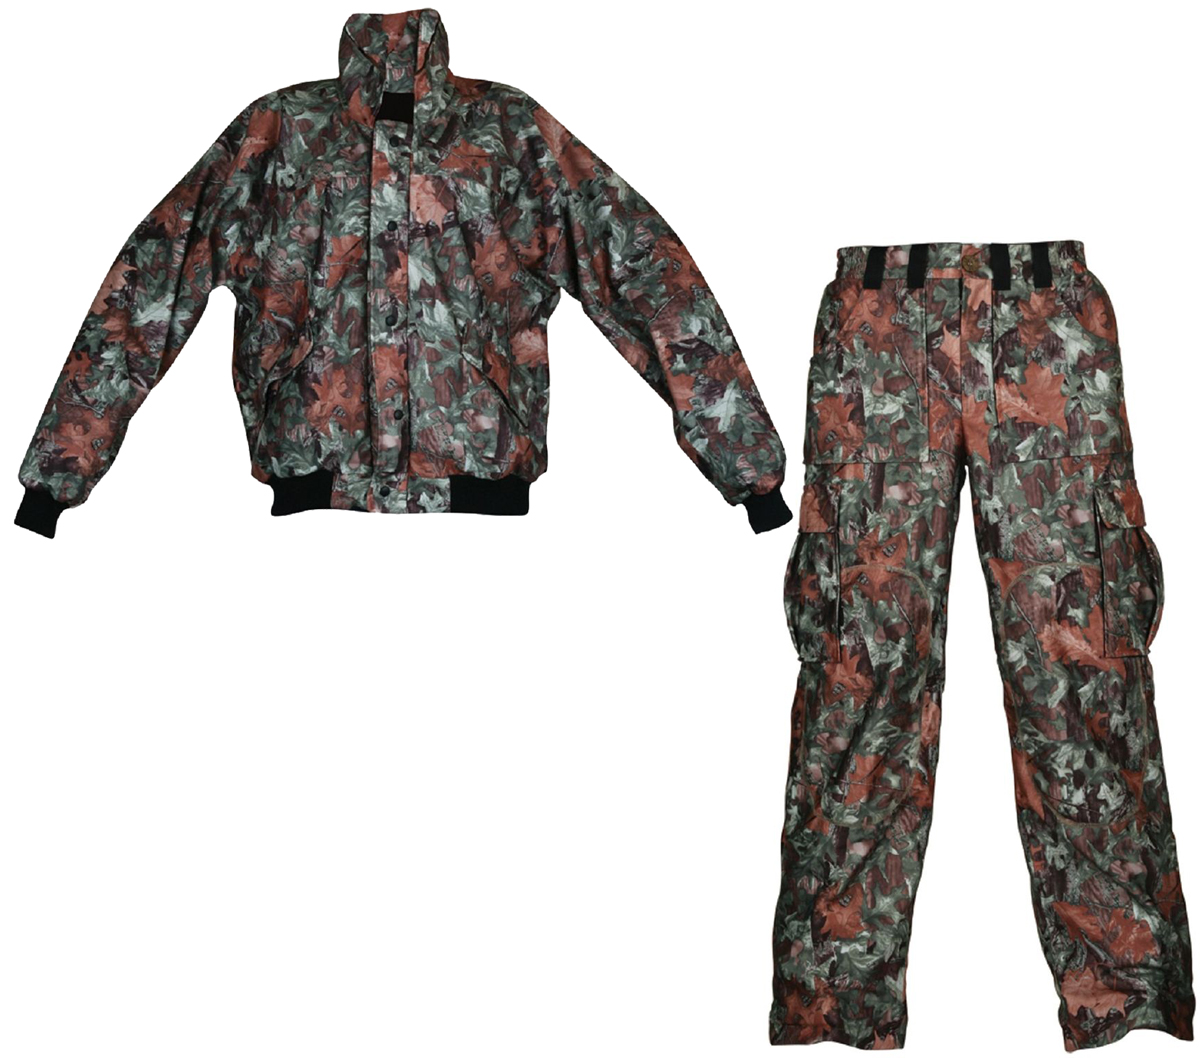 Костюм охотничий летний Arctix: куртка, брюки, цвет: камуфляж. 808-00306. Размер XXXL (58)808Куртка изготовлена из легкого дышащего и в то же время непромокаемого материала. Бесшумная поверхность и магнитные замки на карманах позволяют быть незамеченными в условиях дикой природы. Рукава с трикотажными манжетами и поясом. Брюки изготовлены из легкого дышащего и в то же время непромокаемого материала. Эластичный пояс и широкие шлевки для ремня. Контактные зоны усилены накладками. Застежки-молнии снизу штанов позволяют быстро надеть одежду, не снимая обуви, и с регулируемой манжетой. Идеальная одежда для охоты.